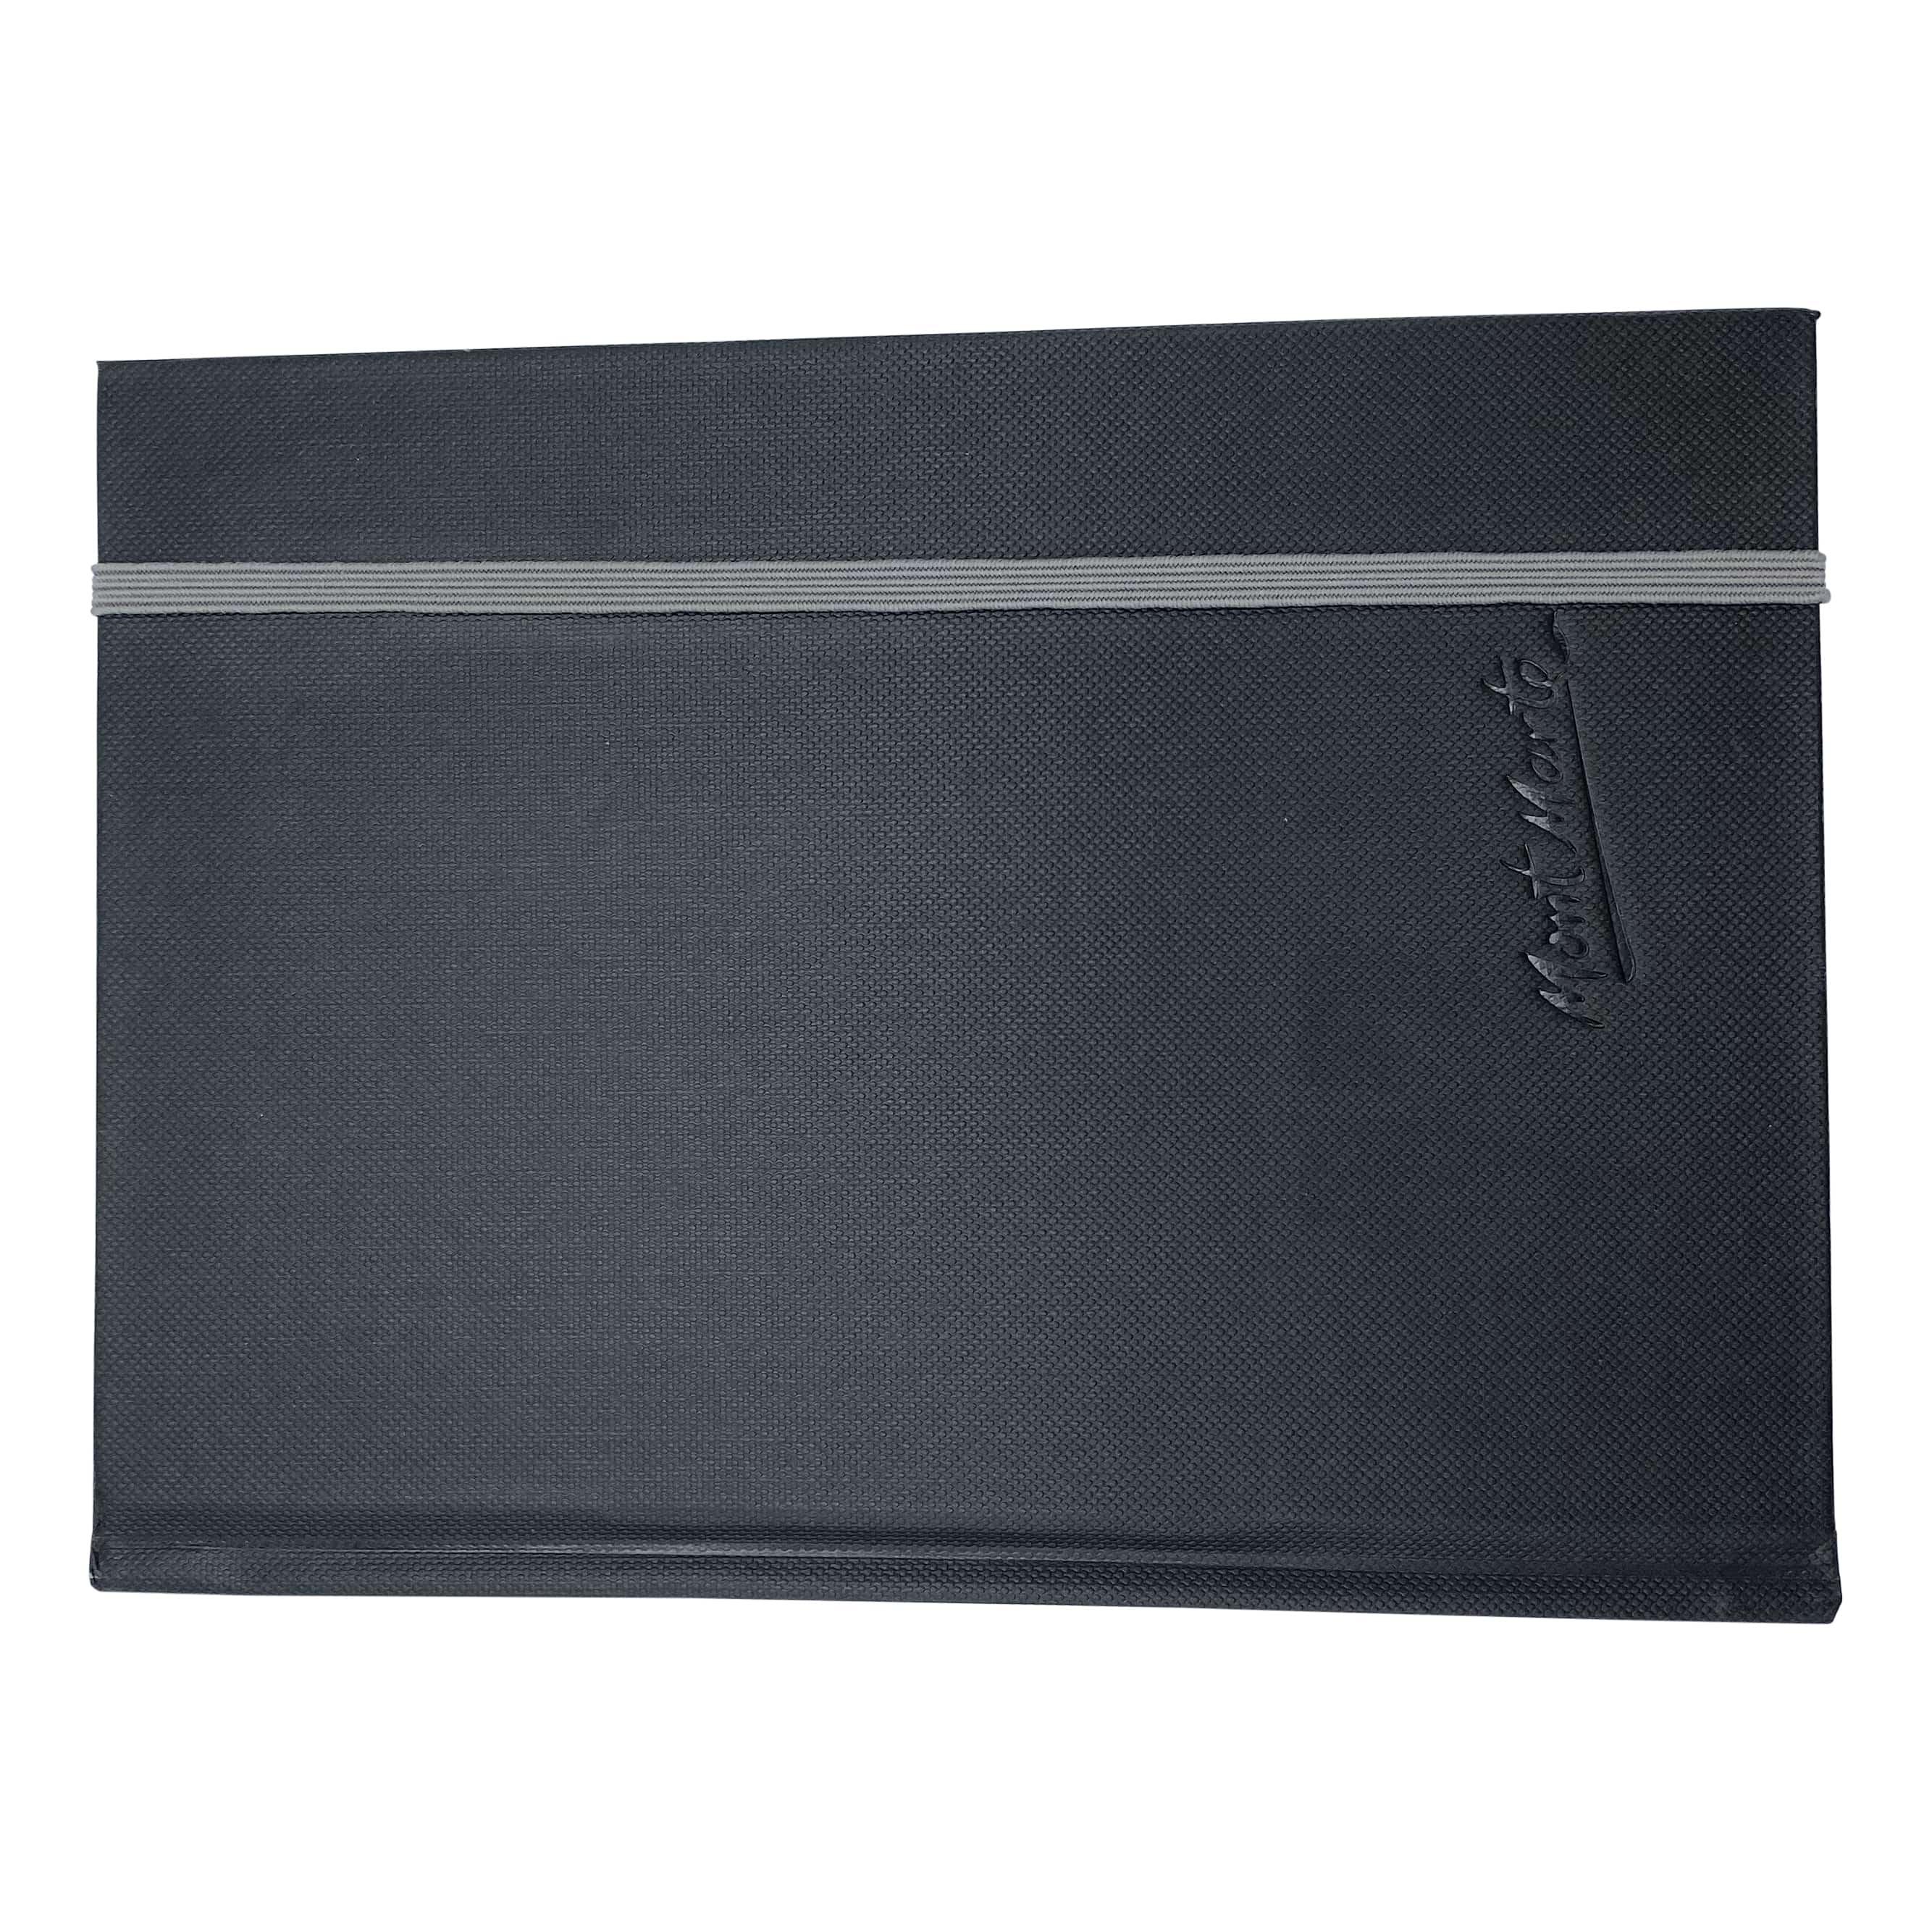 Mont Marte® Hardcover Schetsboek met blanco vellen 110gsm A4